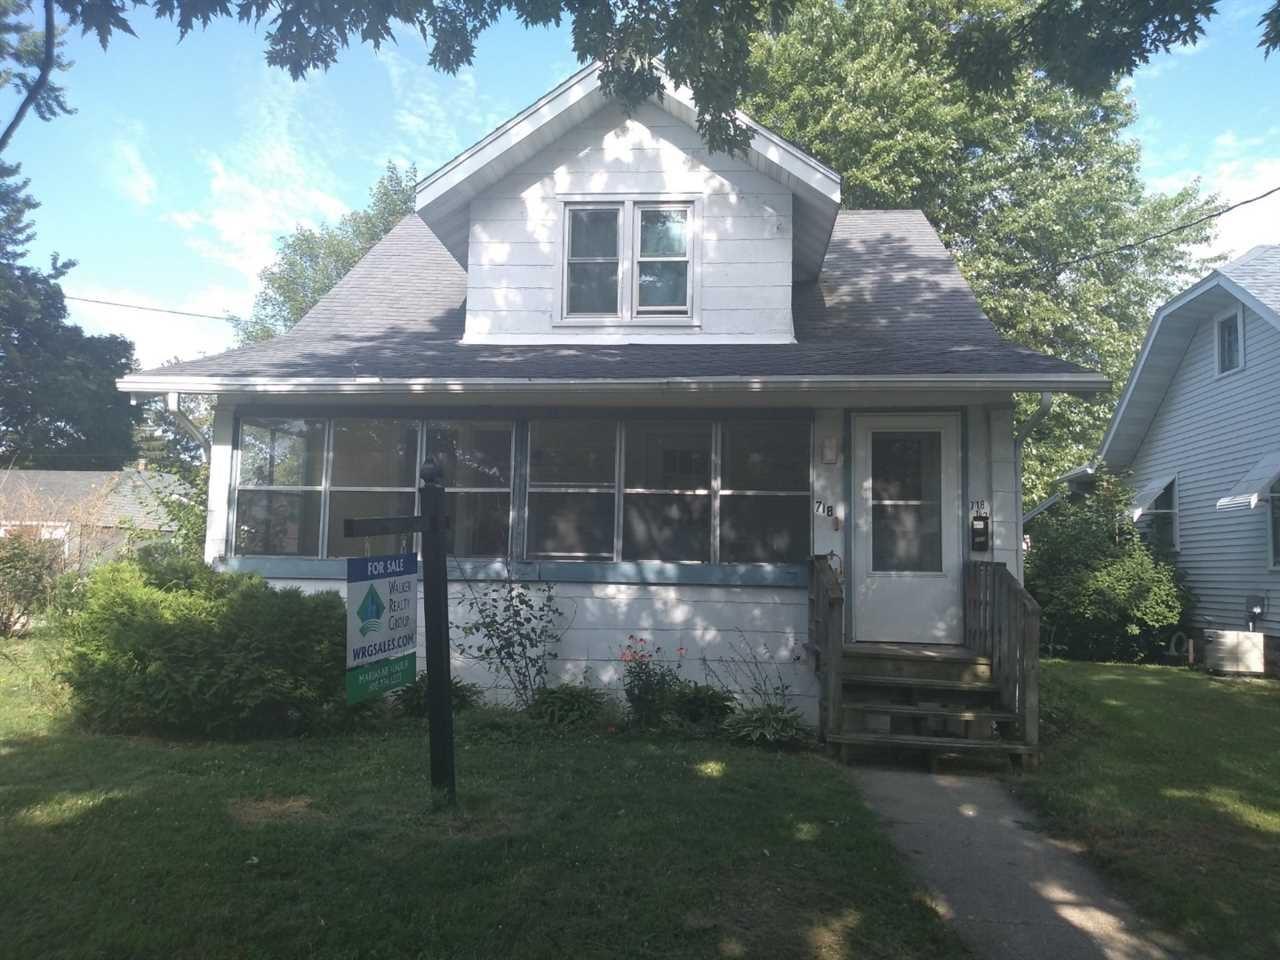 718 Garfield Ave, Beloit, WI 53511 - #: 1918526